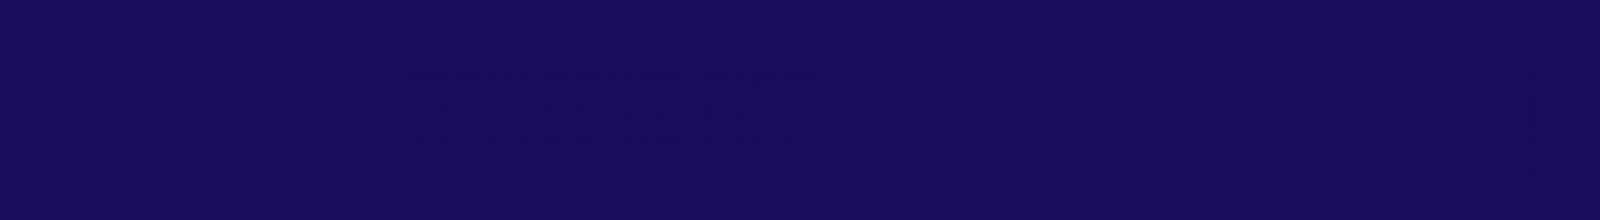 yasir2916